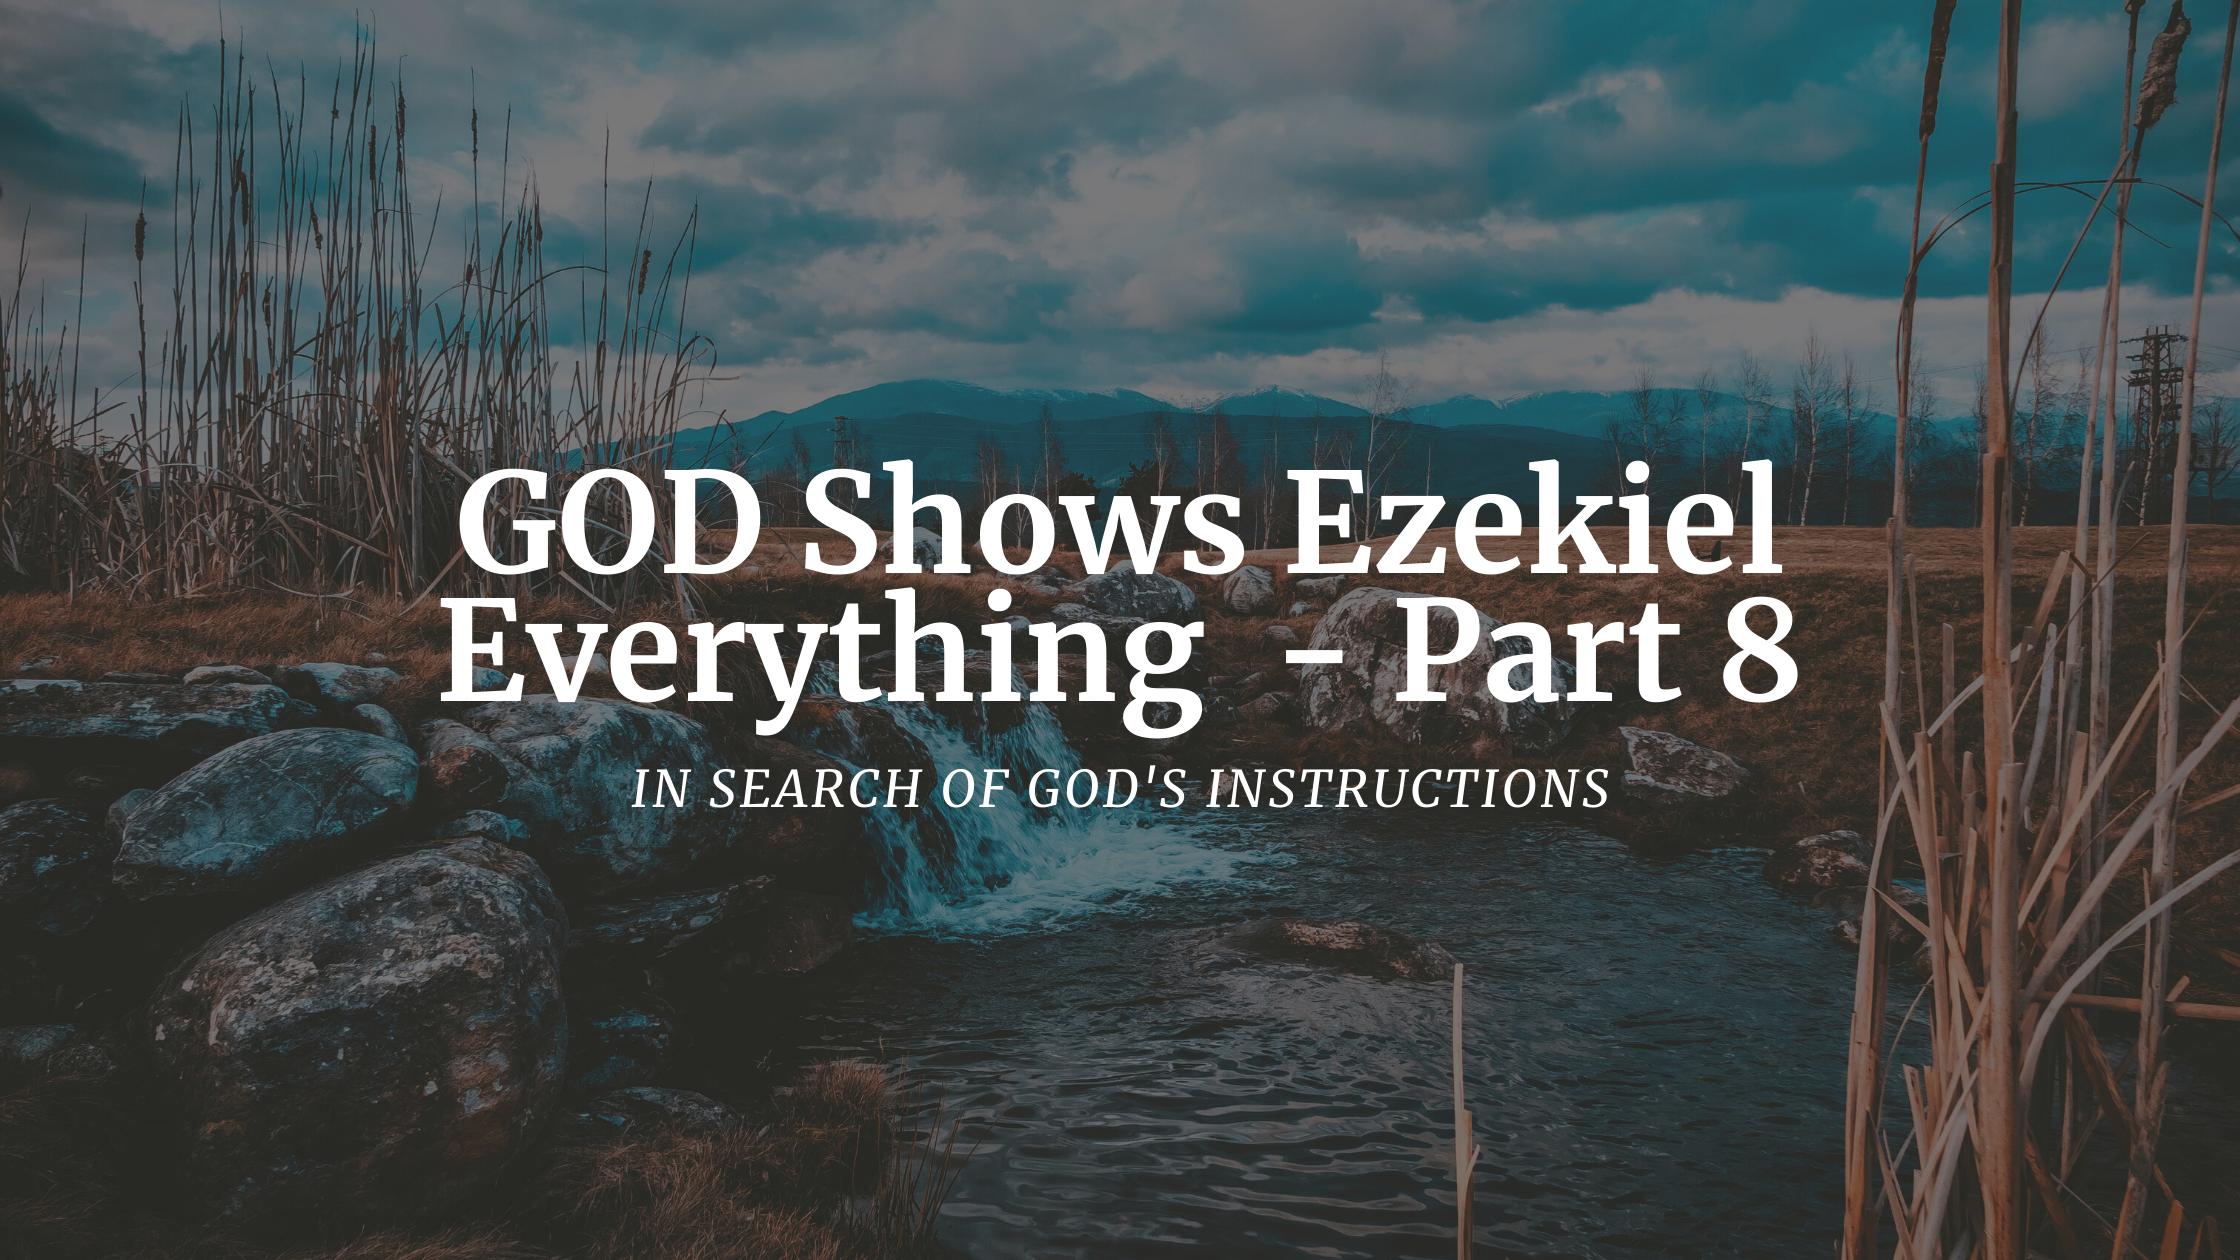 GOD-Shows-Ezekiel-Everything-graphic-8